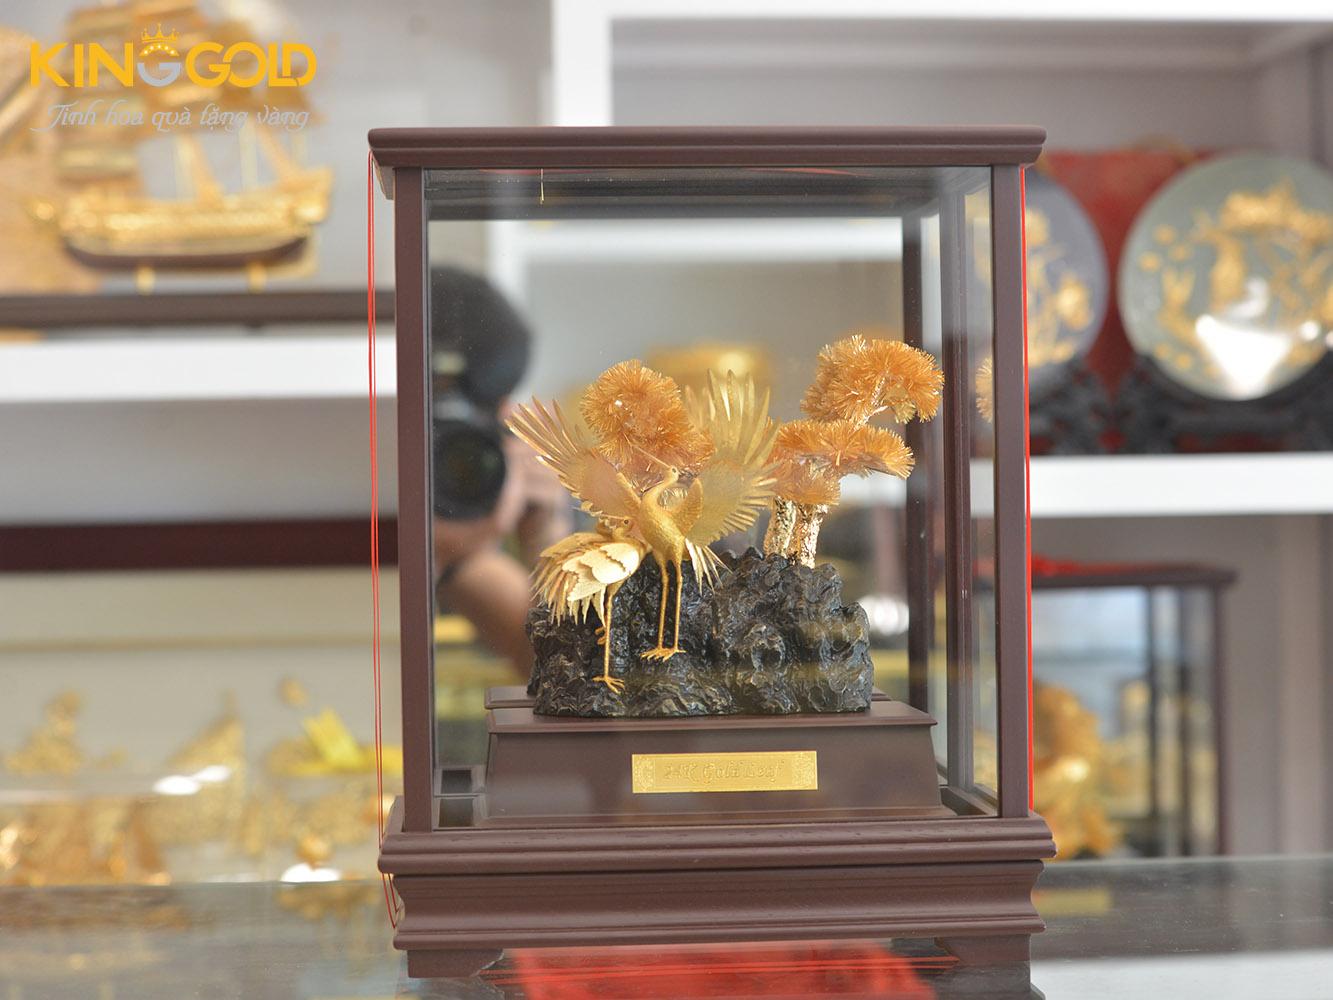 Quà vàng, mách bạn lựa chọn quà tặng vàng đẹp tinh xảo